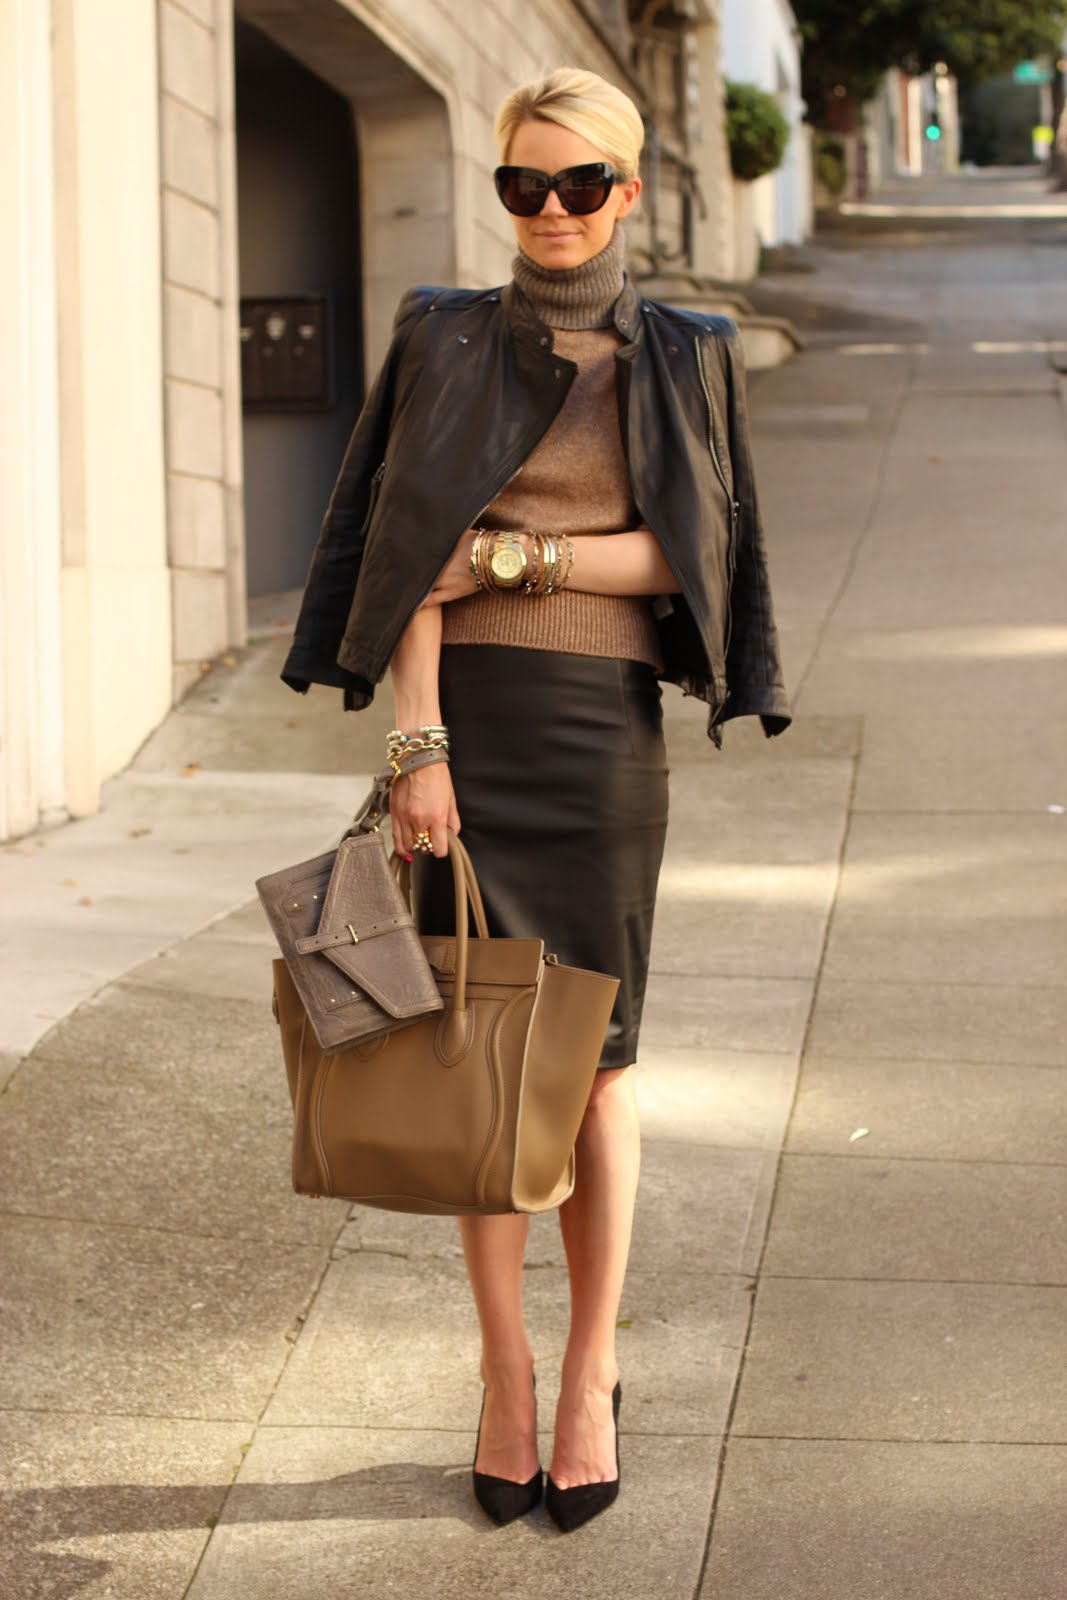 Женщина с часами, металлическими браслетами держит в руке сумки.